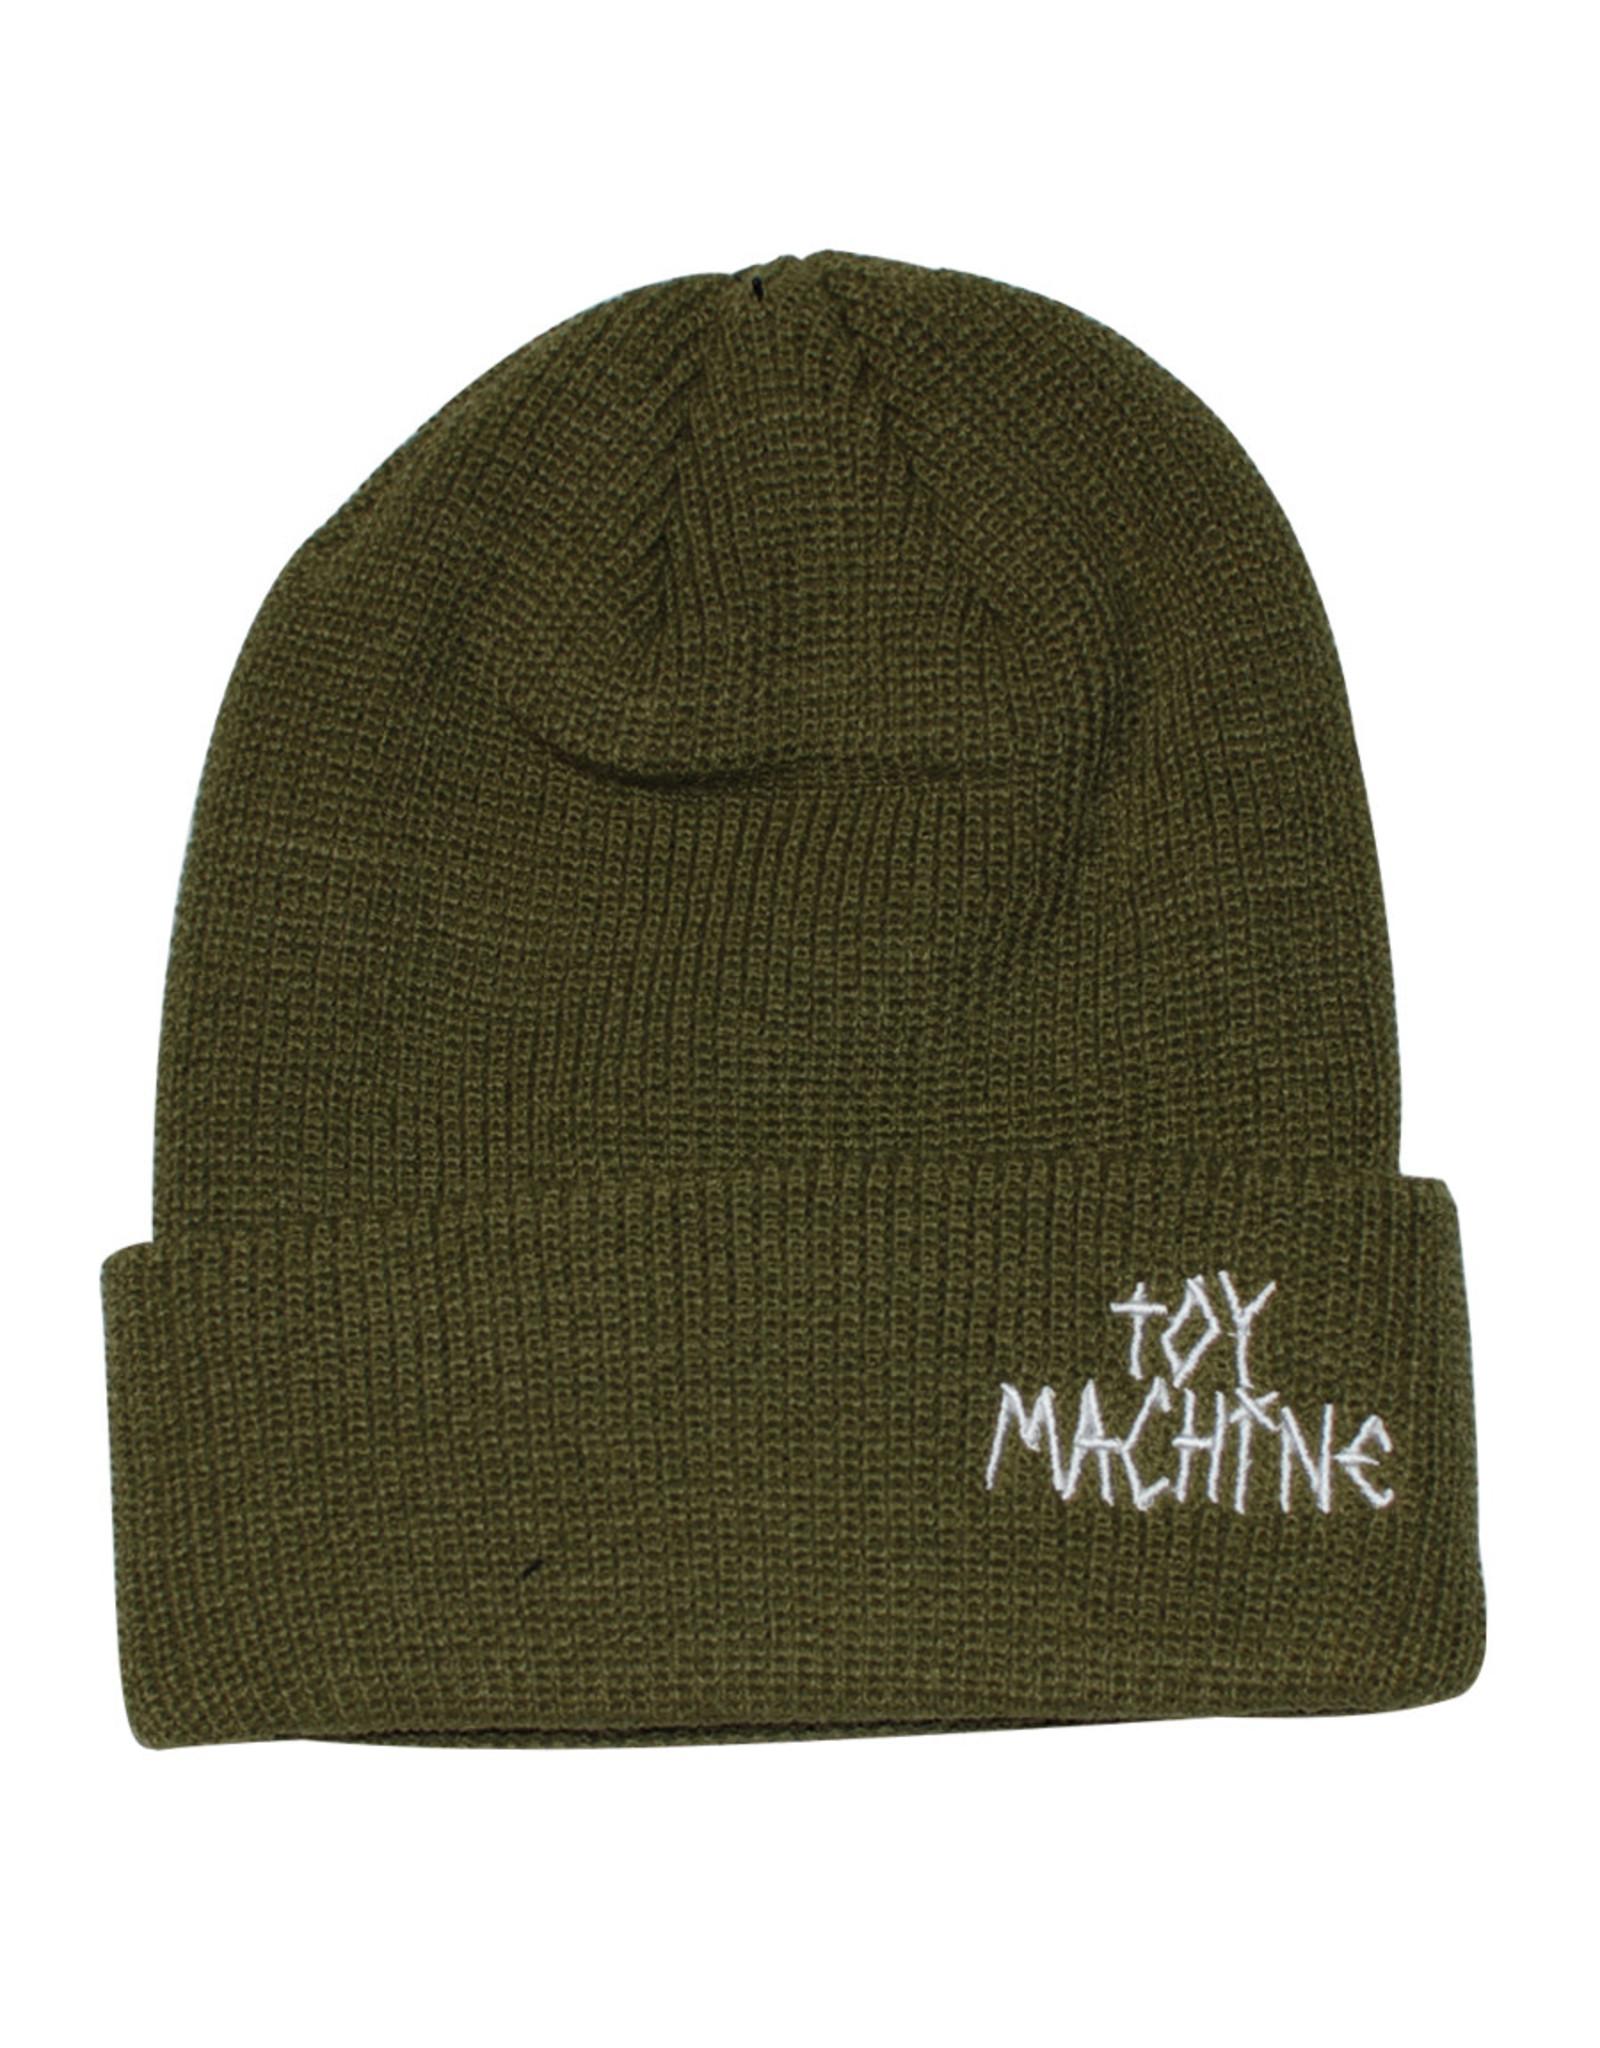 Toy Machine Toy Machine Beanie Tape Logo Cuff (Army)